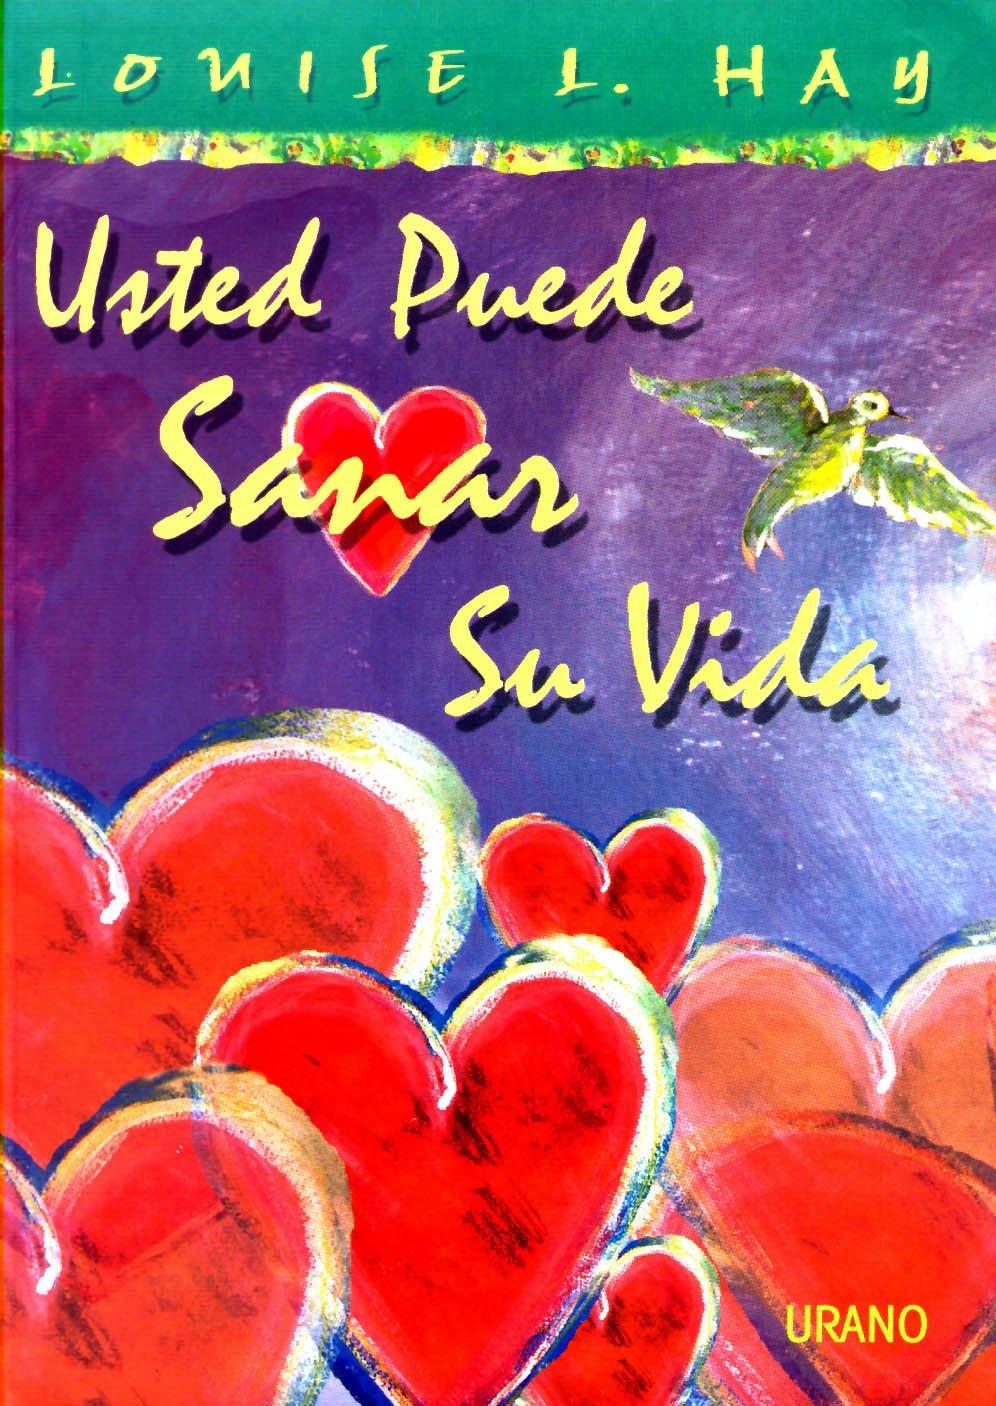 Usted Puede Sanar Su Vida - Edicion Color (Spanish Edition): Louise L. Hay: 9788479533977: Amazon.com: Books